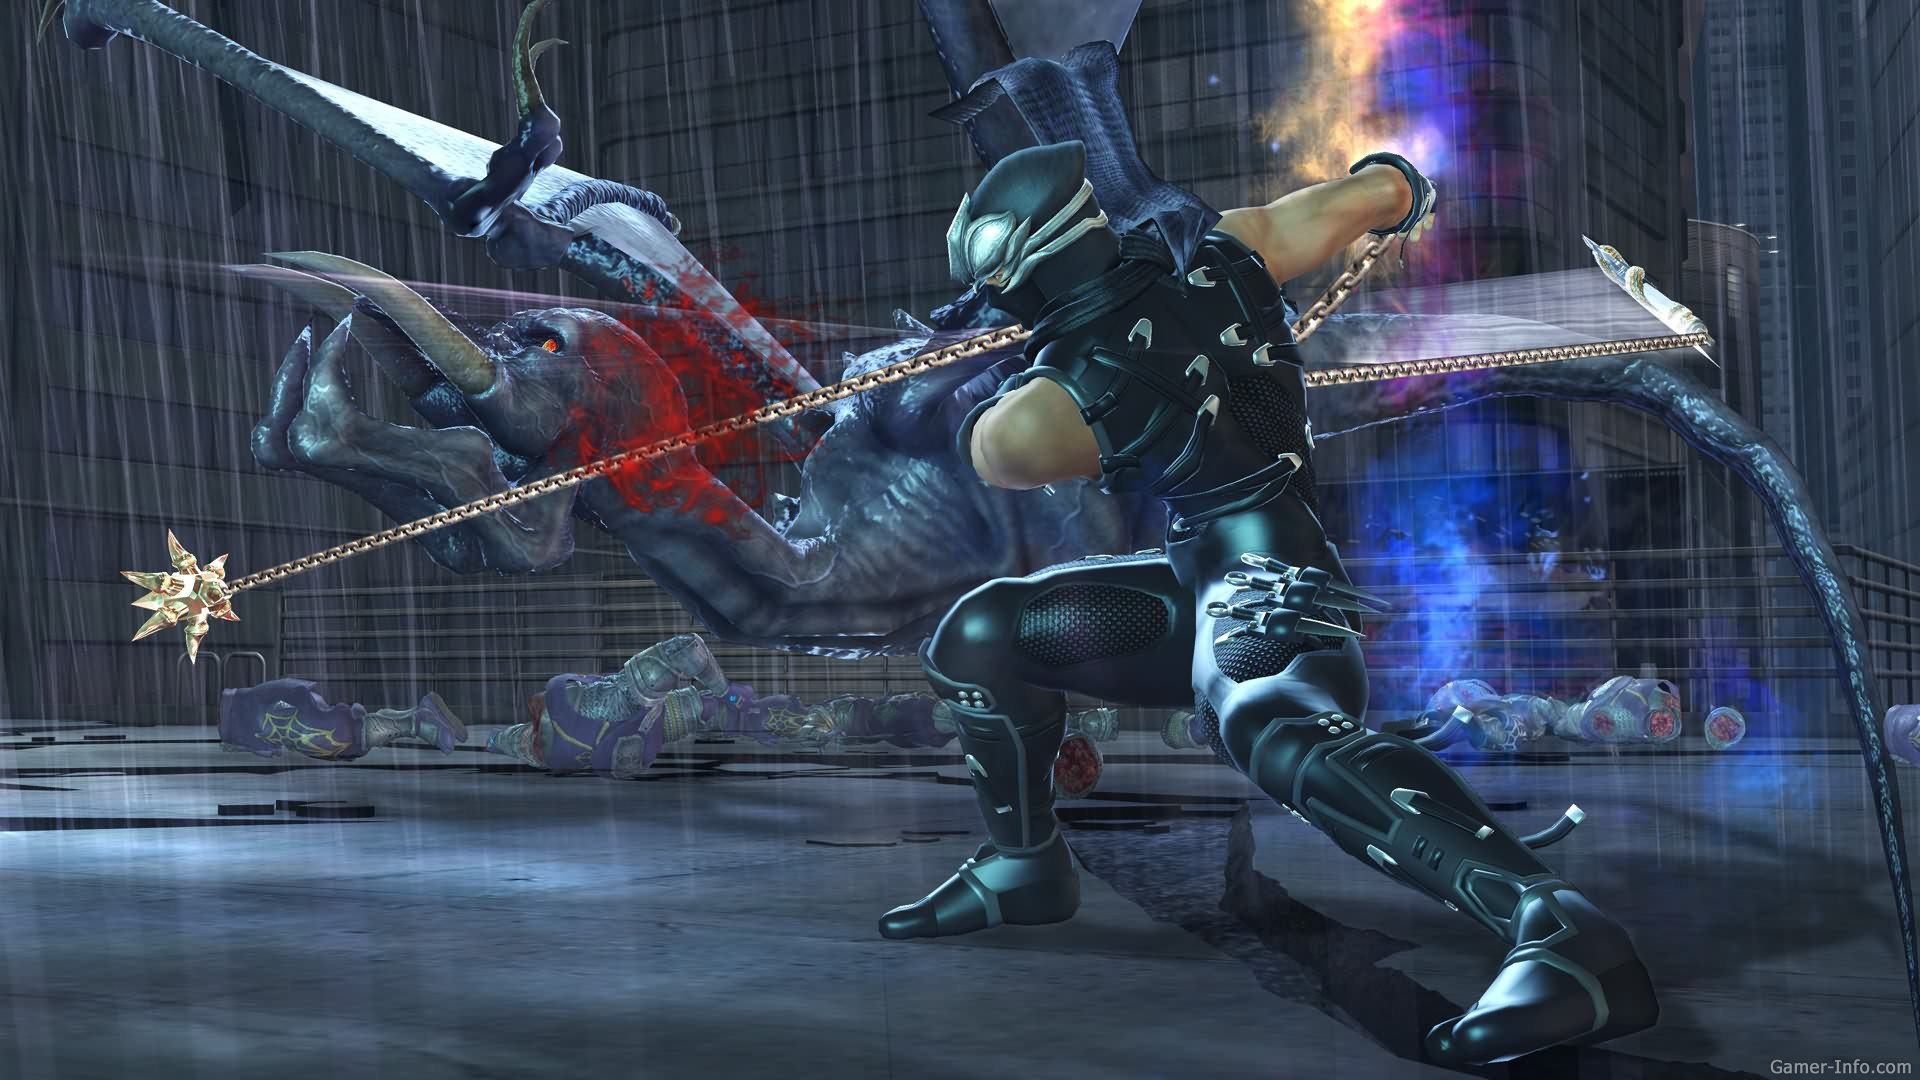 Ninja Gaiden II screenshots, images and pictures - Giant Bomb Ninja gaiden 2 pictures